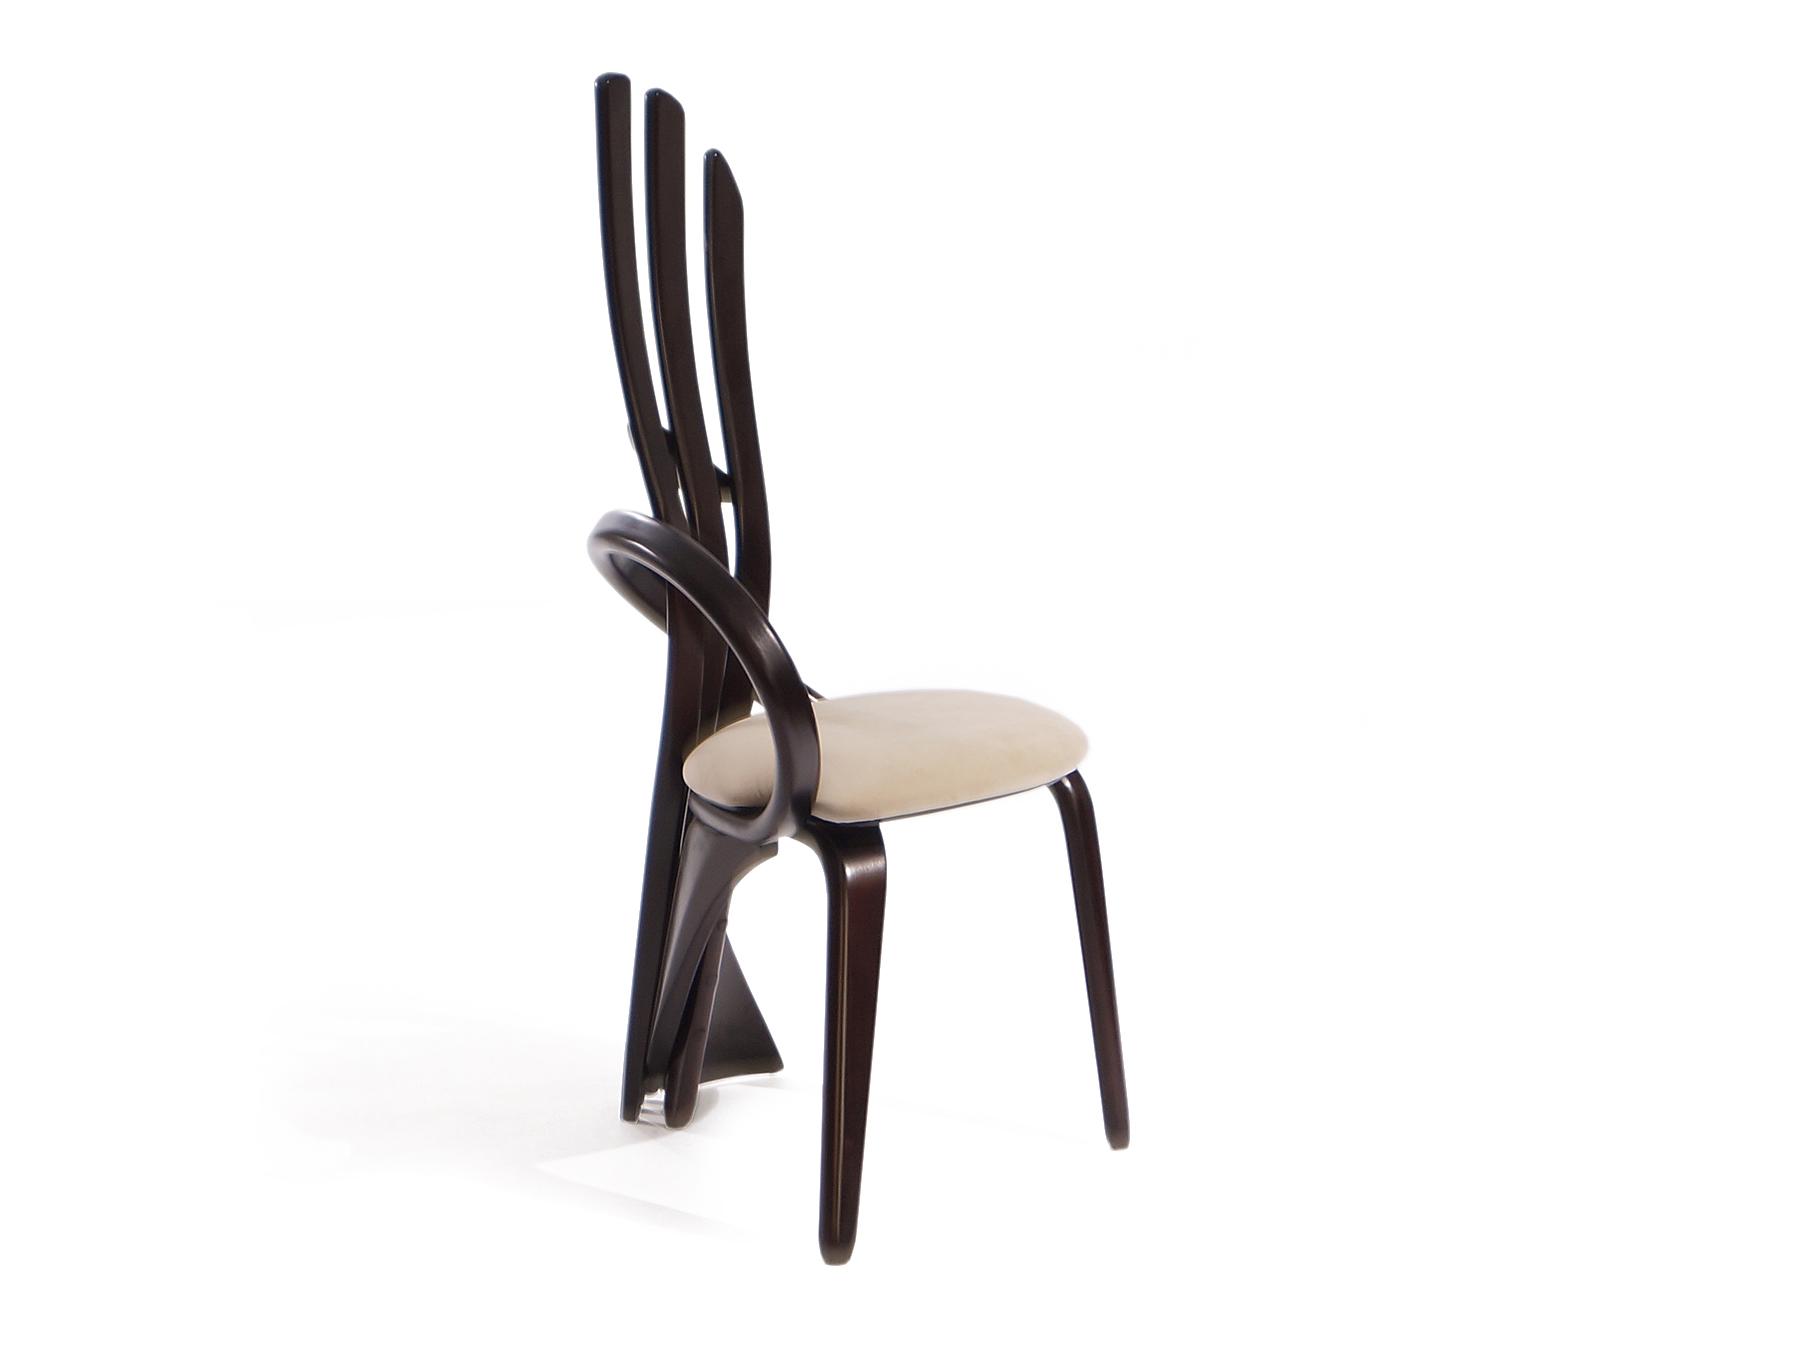 Стул Brazo MОбеденные стулья<br>&amp;lt;div&amp;gt;Дизайнерский стул с необычной эргономической конструкцией спинки из гнутого дерева. Хорошо подходит к столам серии brazo и virtuos.&amp;amp;nbsp;&amp;lt;/div&amp;gt;&amp;lt;div&amp;gt;&amp;lt;br&amp;gt;&amp;lt;/div&amp;gt;&amp;lt;div&amp;gt;Материал: натуральное дерево береза (цвет: венге)&amp;amp;nbsp;&amp;lt;/div&amp;gt;&amp;lt;div&amp;gt;Обивка: износостойкая ткань коллекции sensation 32.&amp;lt;/div&amp;gt;<br><br>Material: Кожа<br>Ширина см: 52.0<br>Высота см: 114.0<br>Глубина см: 57.0